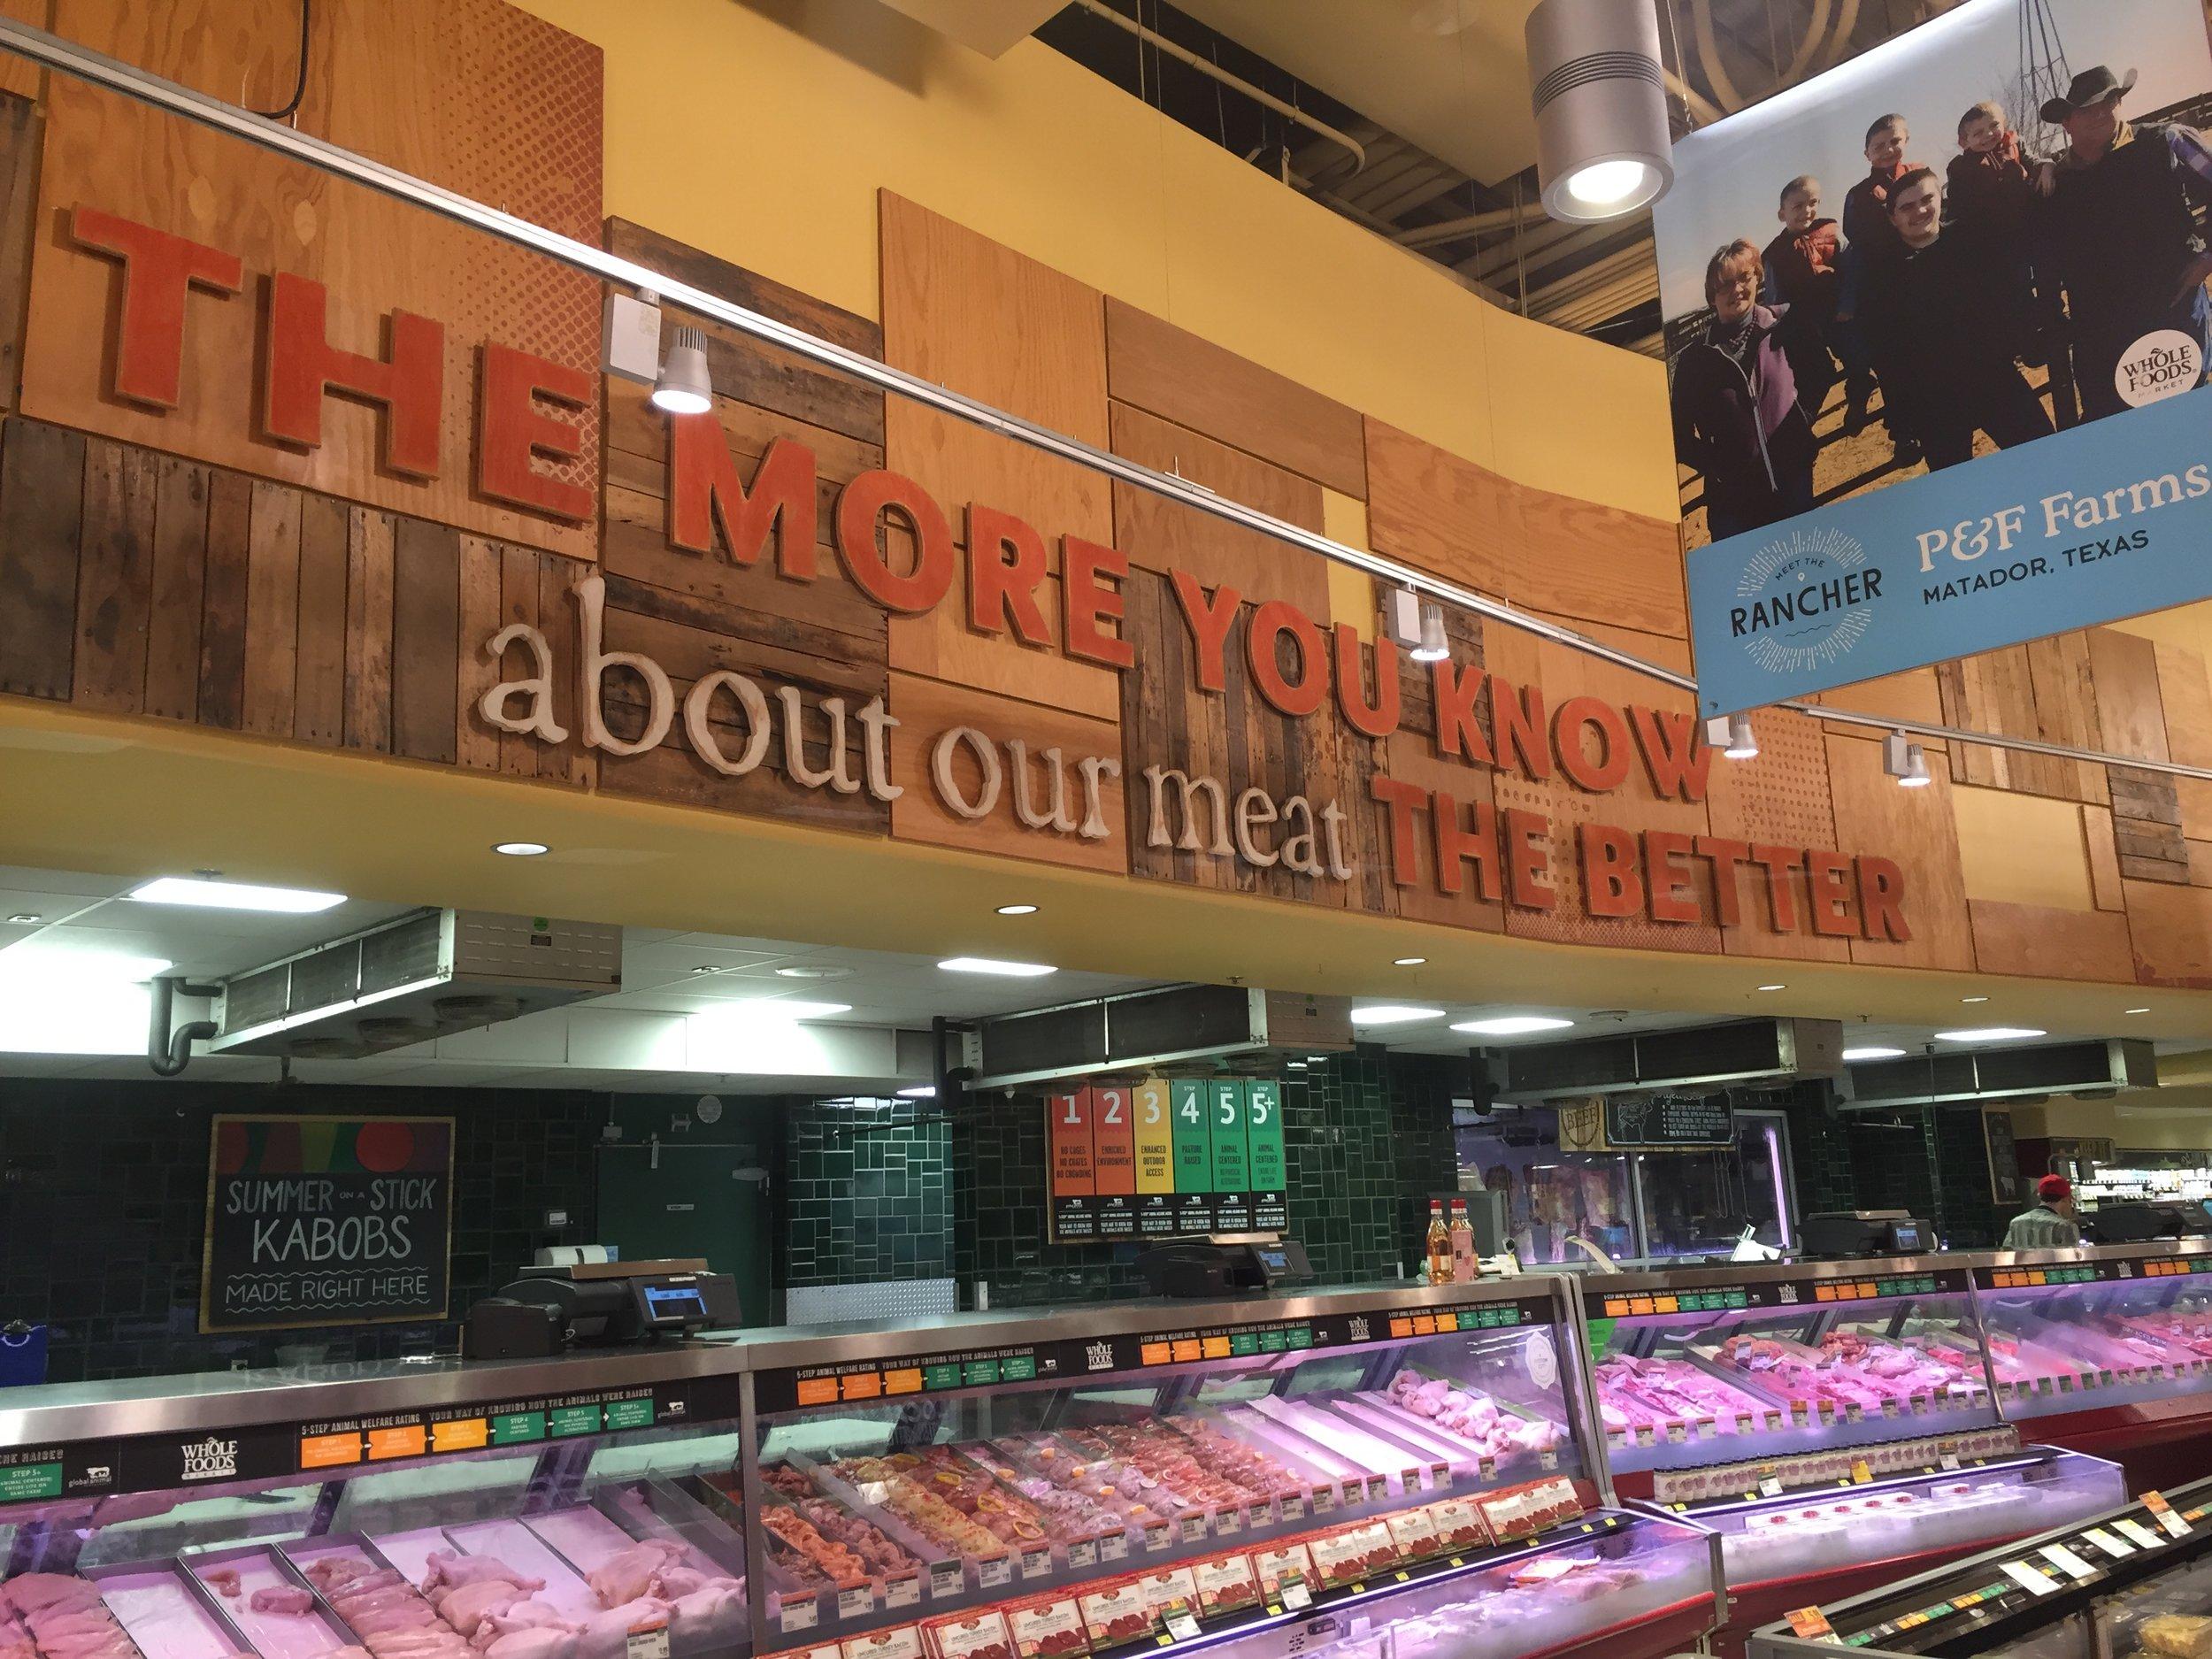 Meat case inside Whole Foods Market in Austin, TX